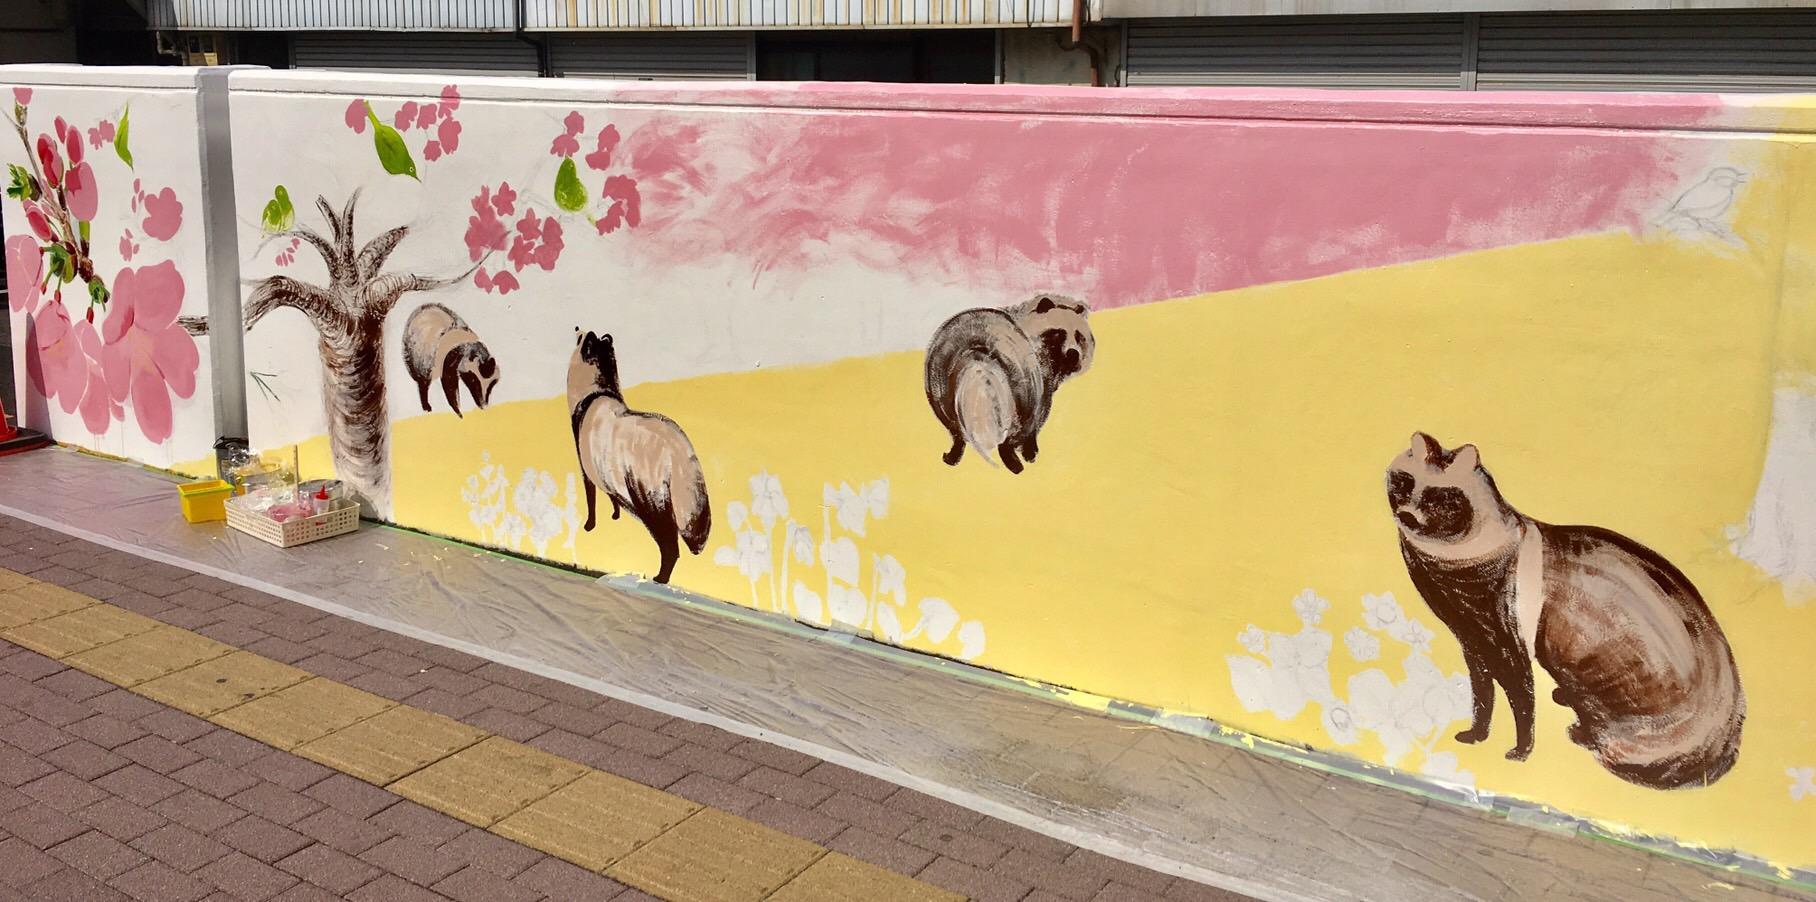 壁画170325 (1).JPG